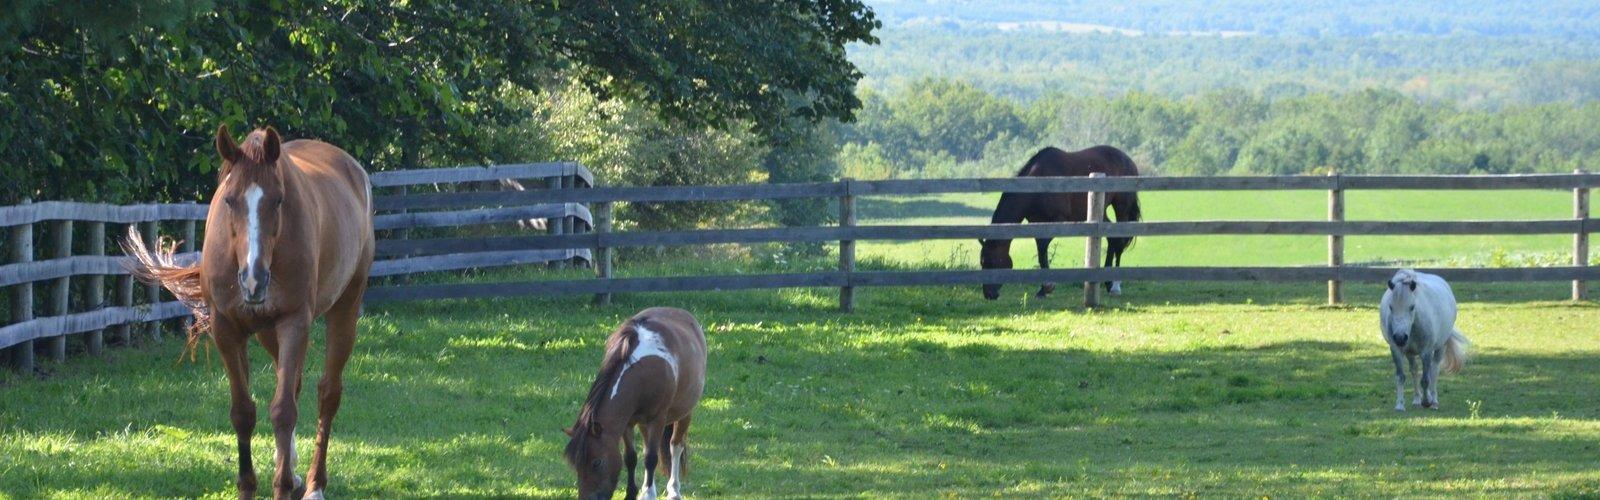 Mac & Ponies - Summer